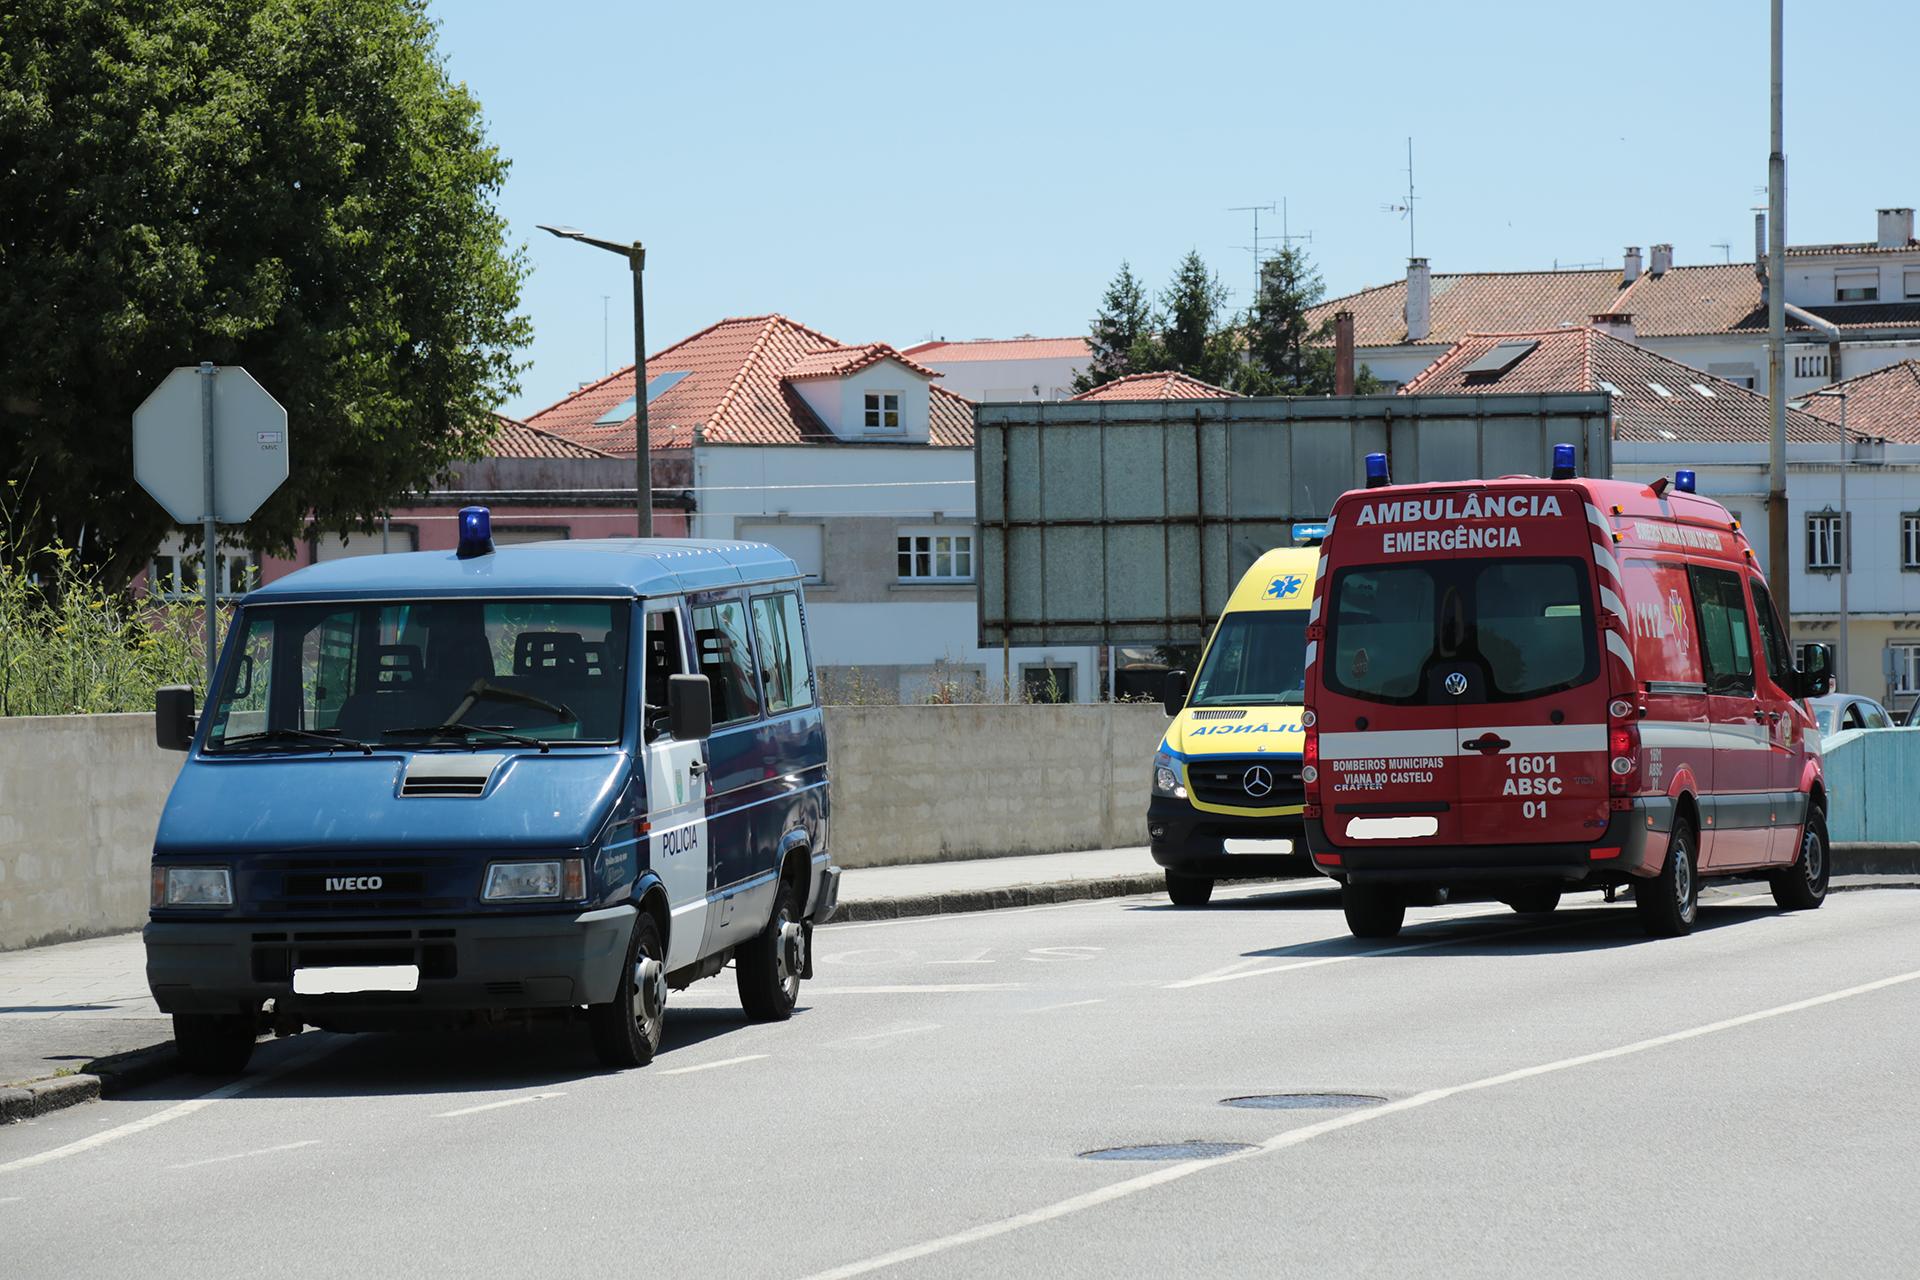 Colisão entre dois carros faz três feridos ligeiros no centro de Viana